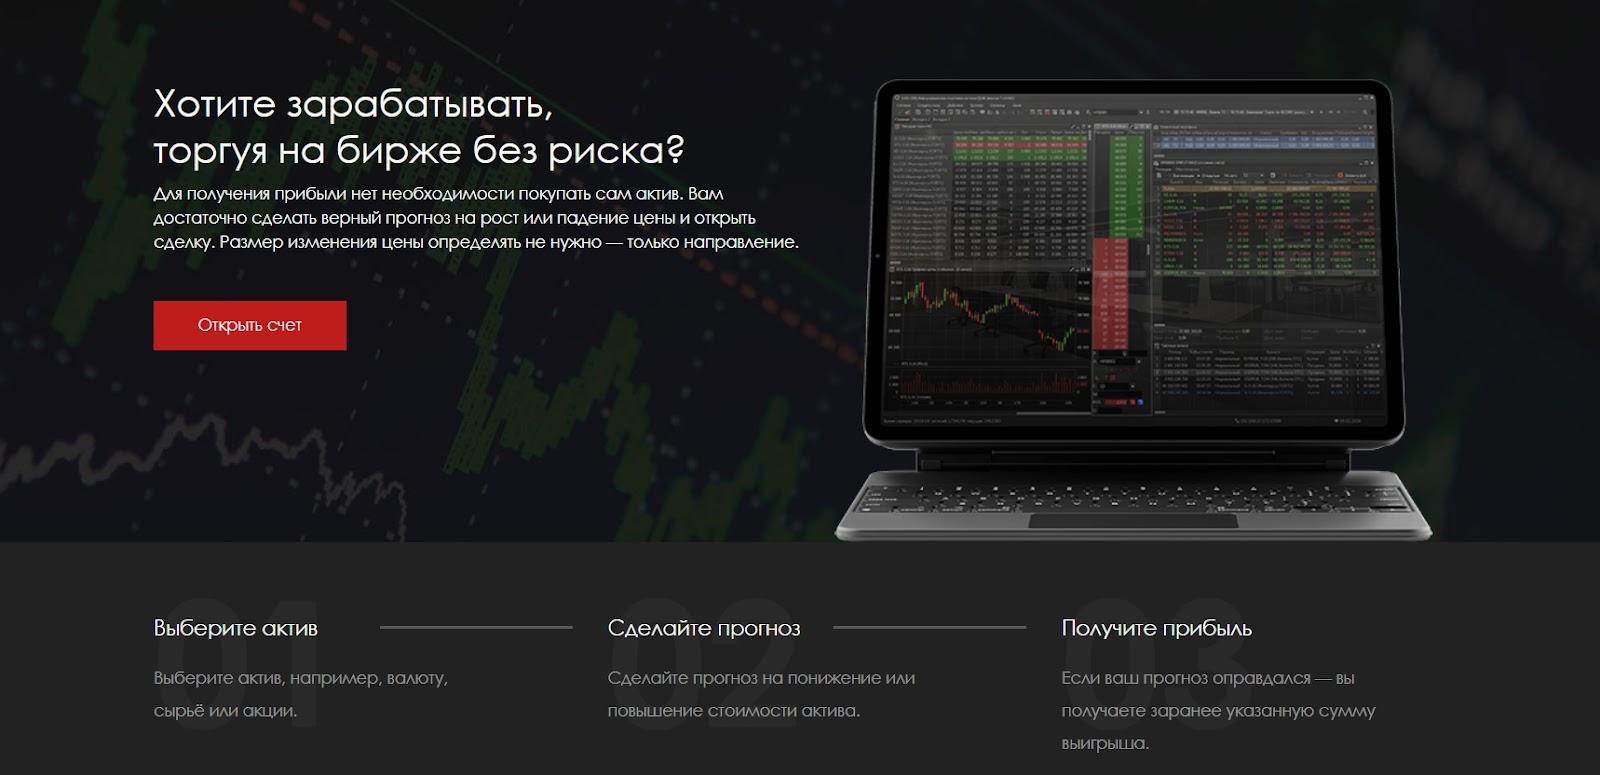 Обзор платформы Alfa One Capital и реальные отзывы пользователей о ней реальные отзывы